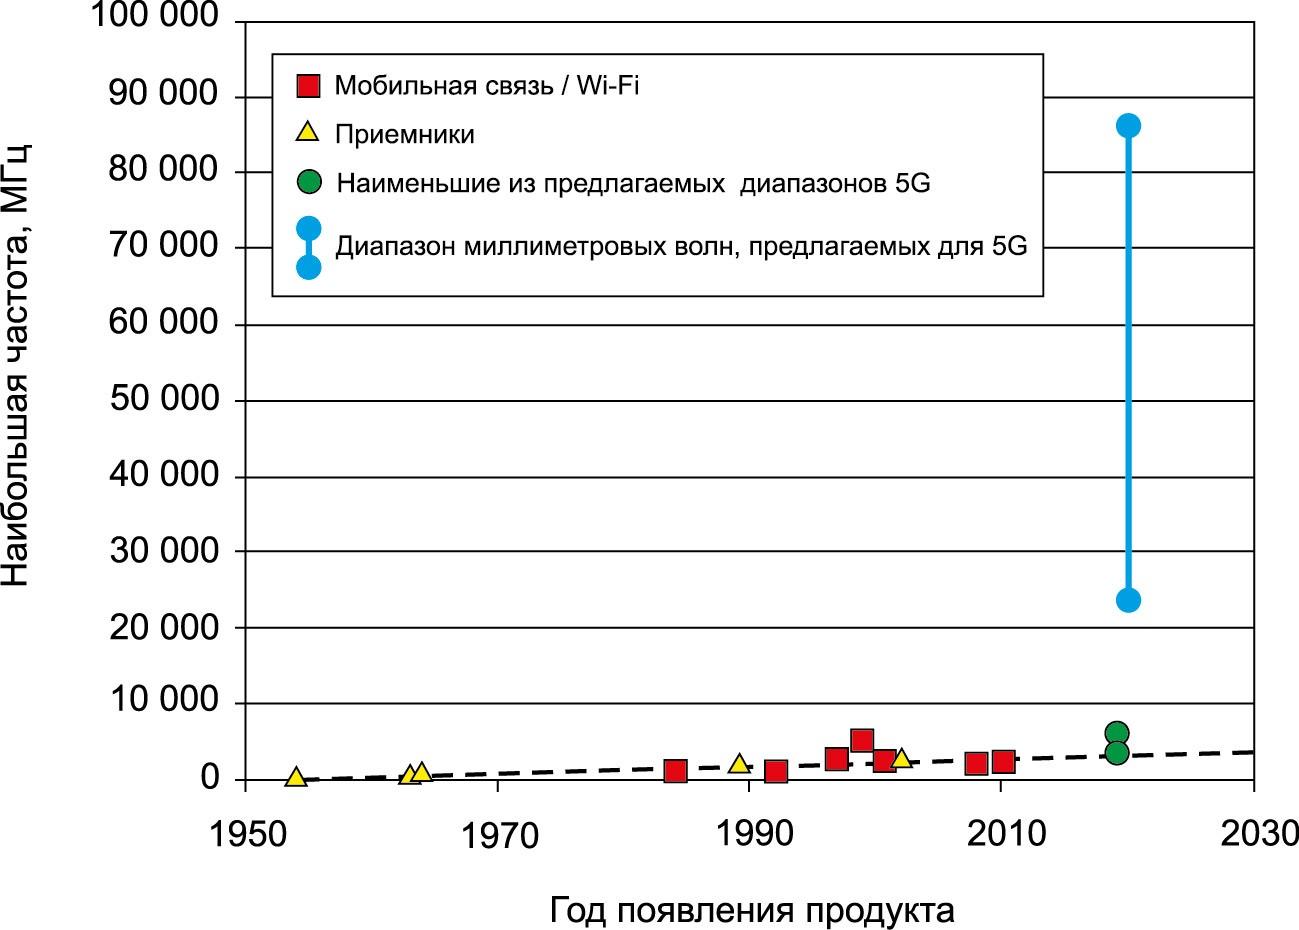 График, показывающий историю использования частот в крупносерийных потребительских радиоустройствах. Также показан диапазон предлагаемых полос миллиметровых волн для 5G